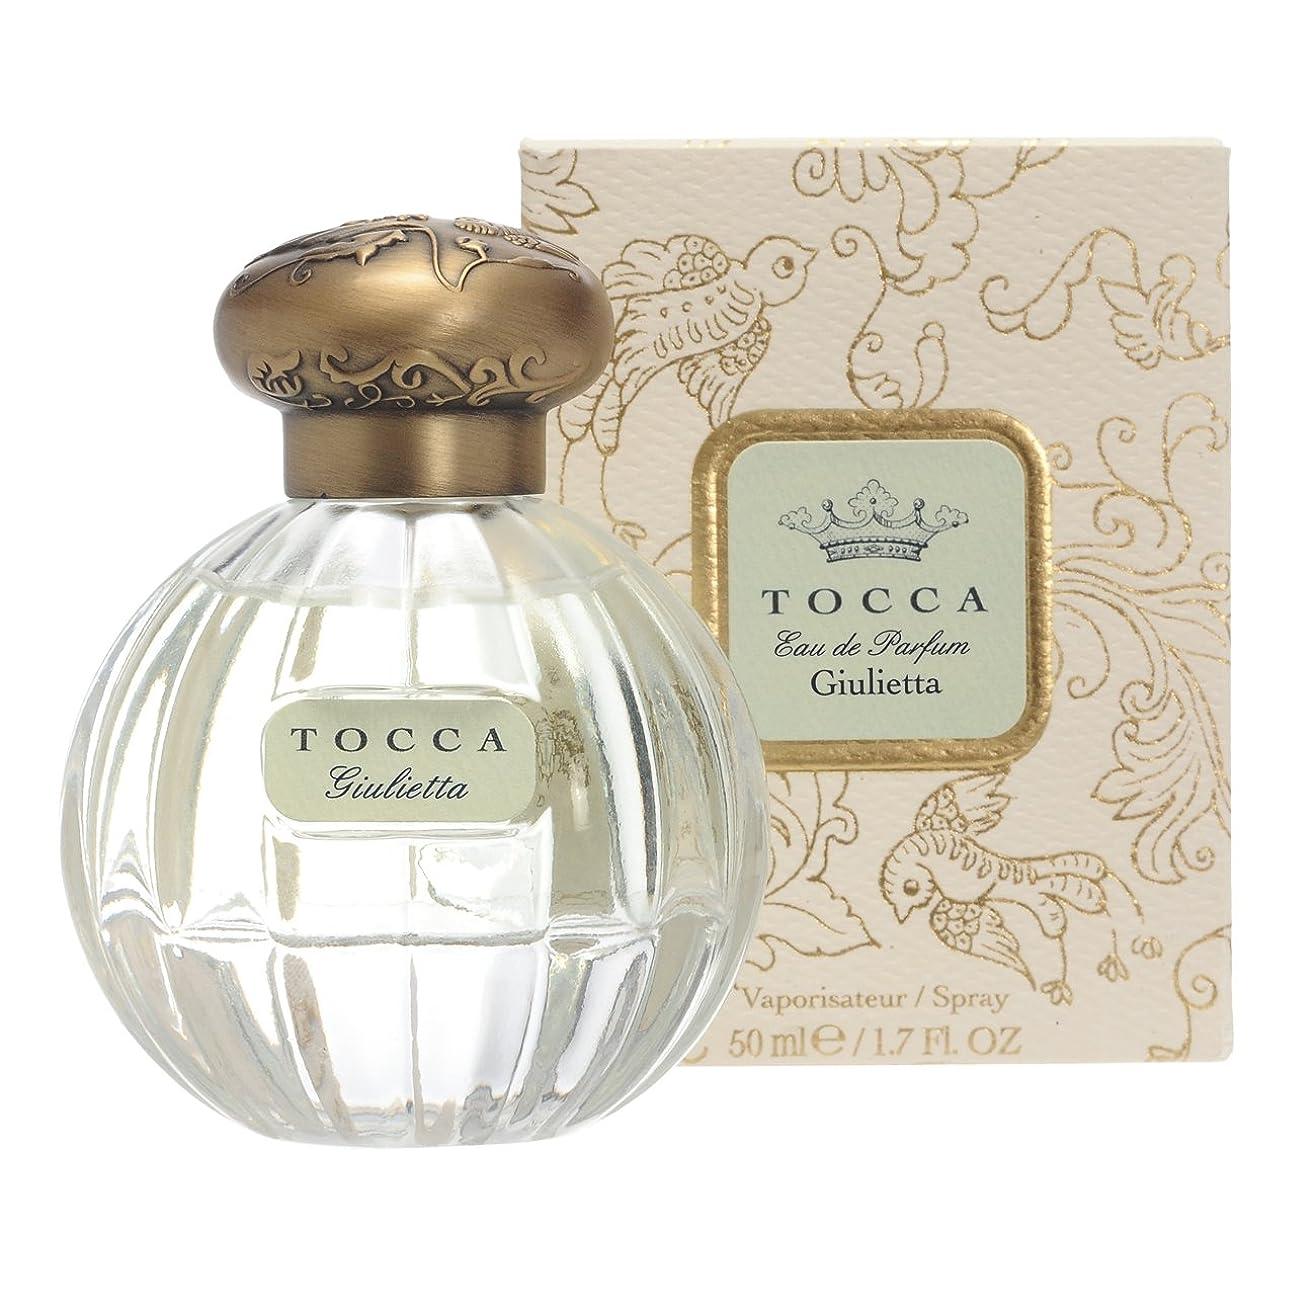 息を切らしてバンケット緊急トッカ(TOCCA) オードパルファム ジュリエッタの香り 50ml(香水 映画監督と女優である妻とのラブストーリーを描く、グリーンアップルとチューリップの甘く優美な香り)